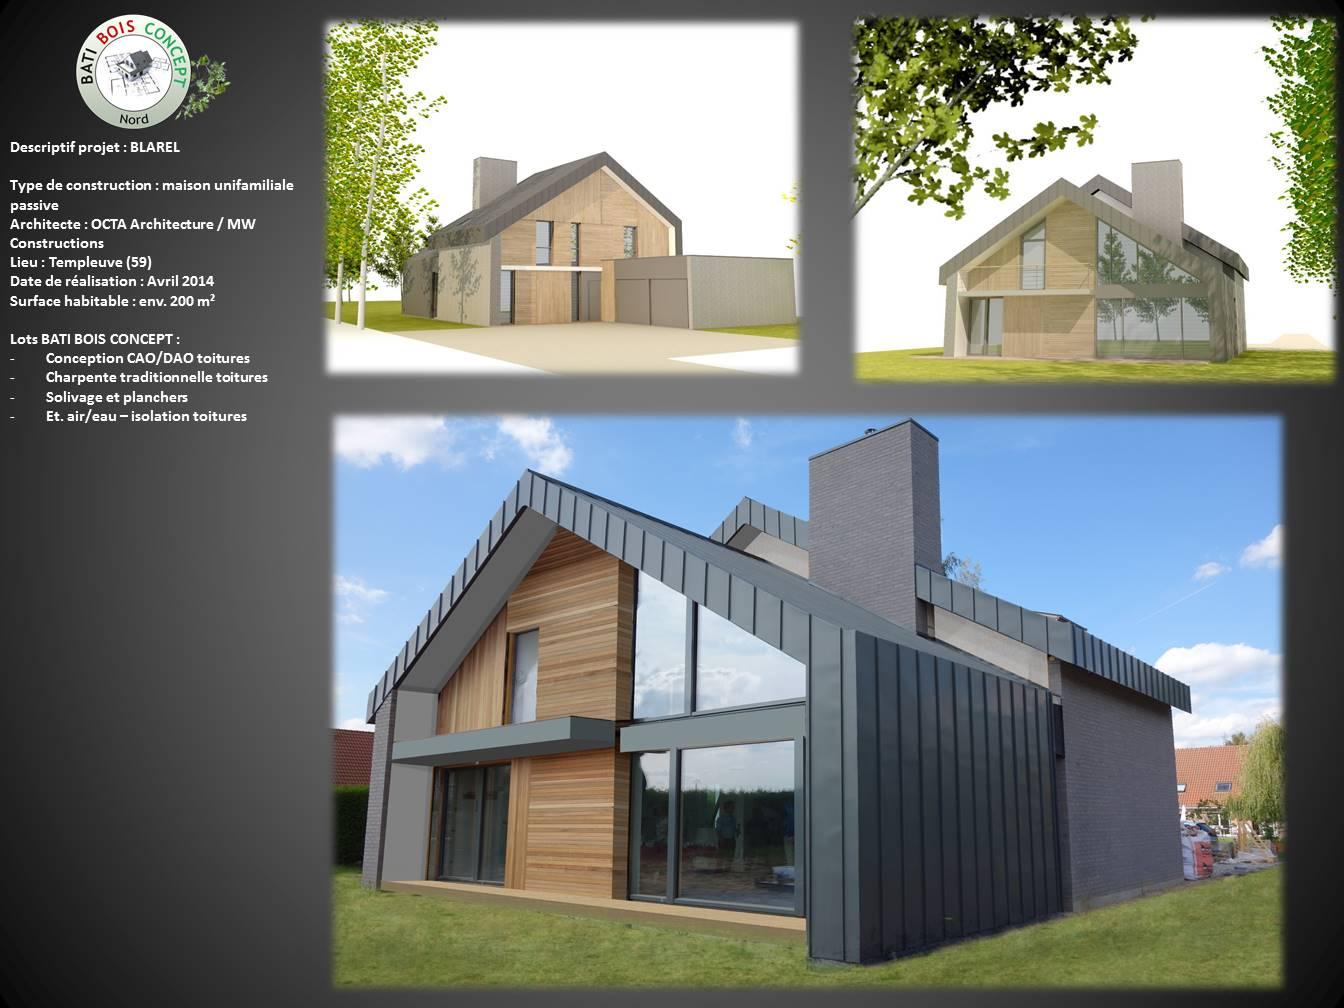 Maison passive nord 59 templeuve bati bois concept for Maison passive bois